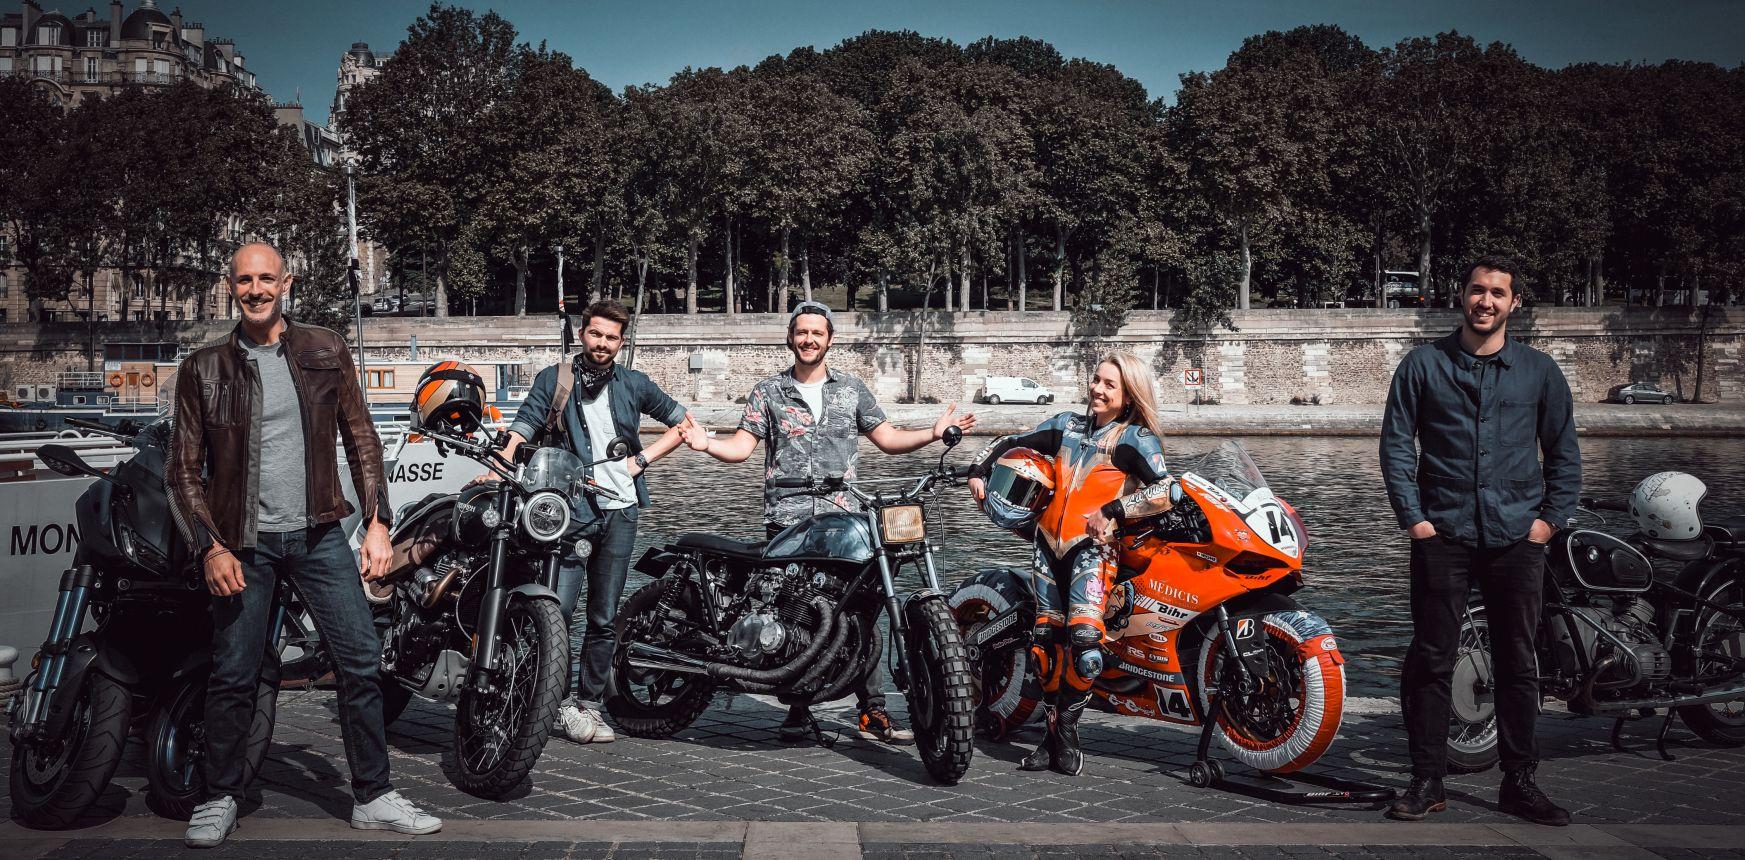 Les chroniqueurs de Moto Club - ©Auto Moto La Chaîne